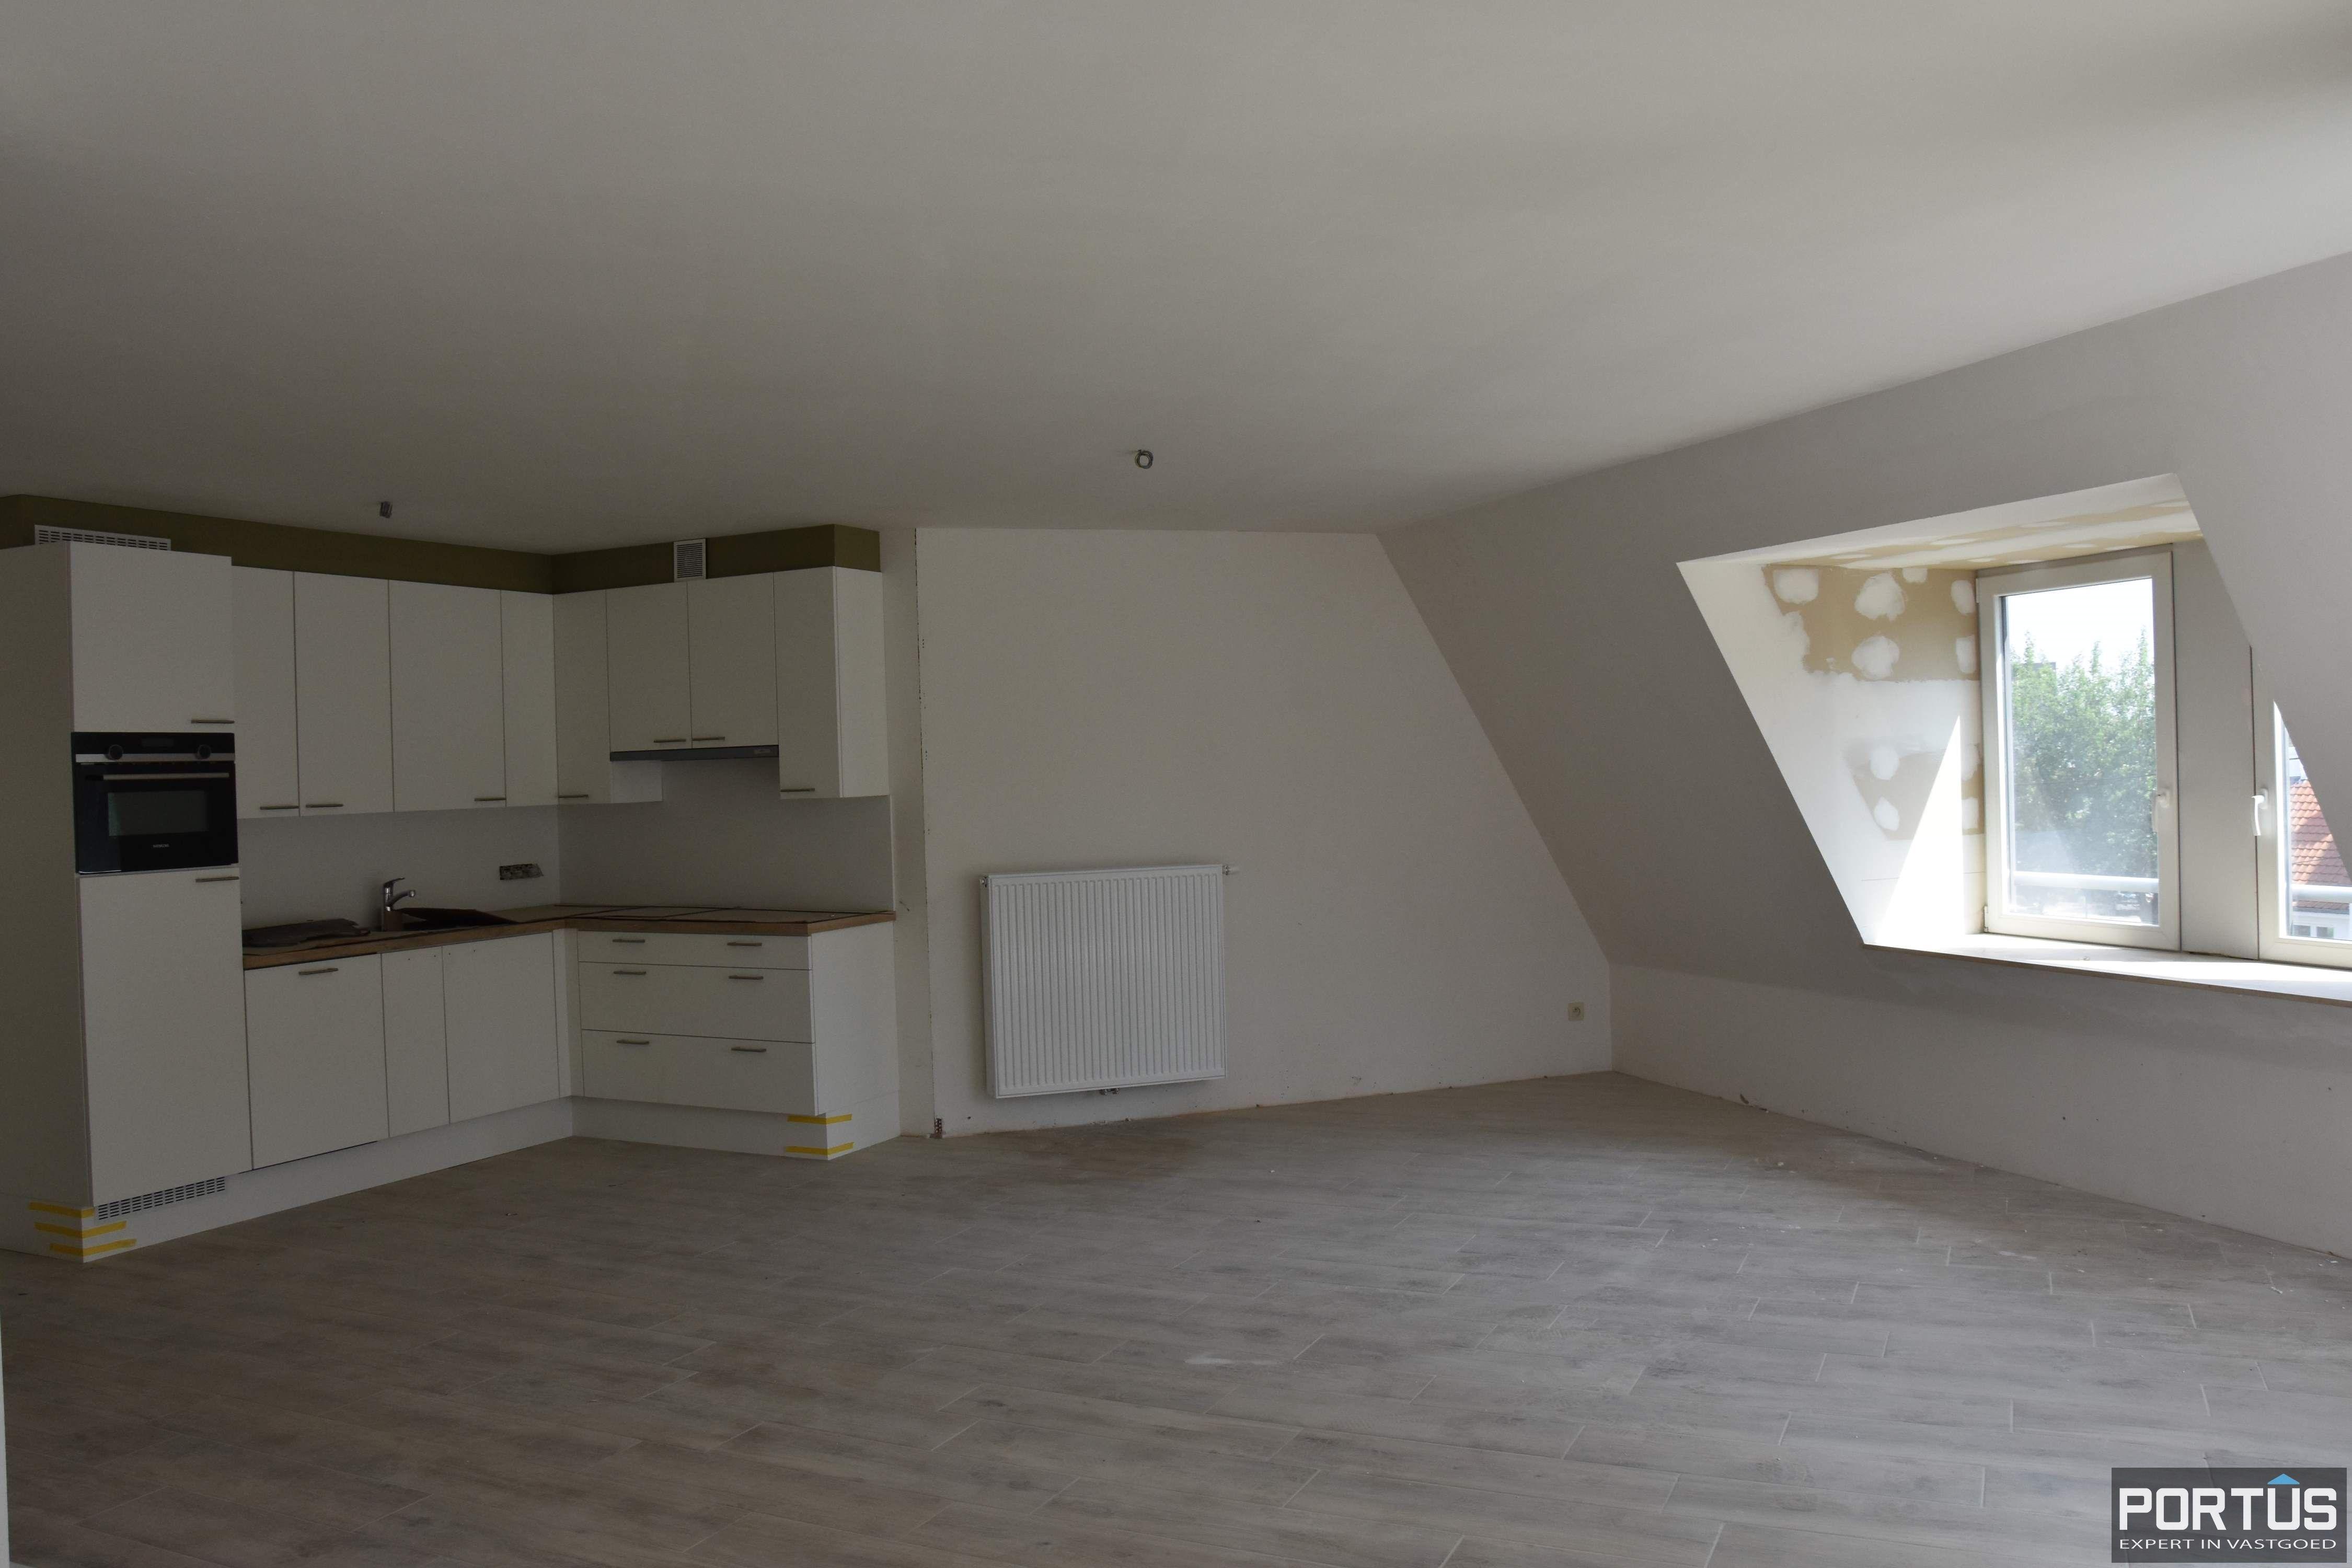 Appartement Residentie Villa Crombez Nieuwpoort - 8346